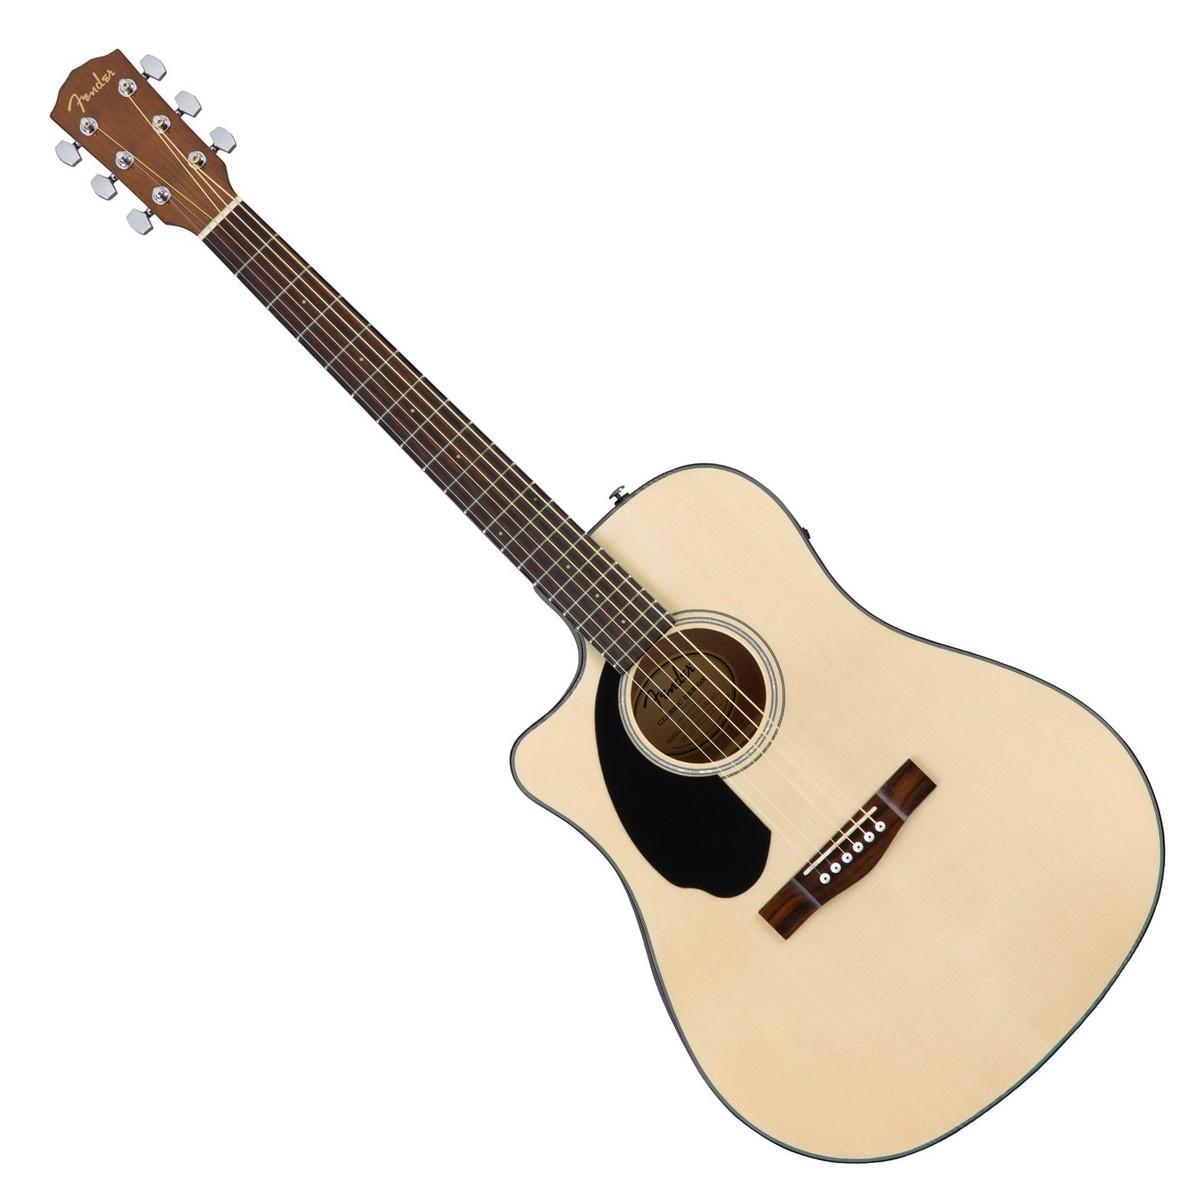 fender cd 60sce left handed dreadnought electro acoustic guitar at. Black Bedroom Furniture Sets. Home Design Ideas